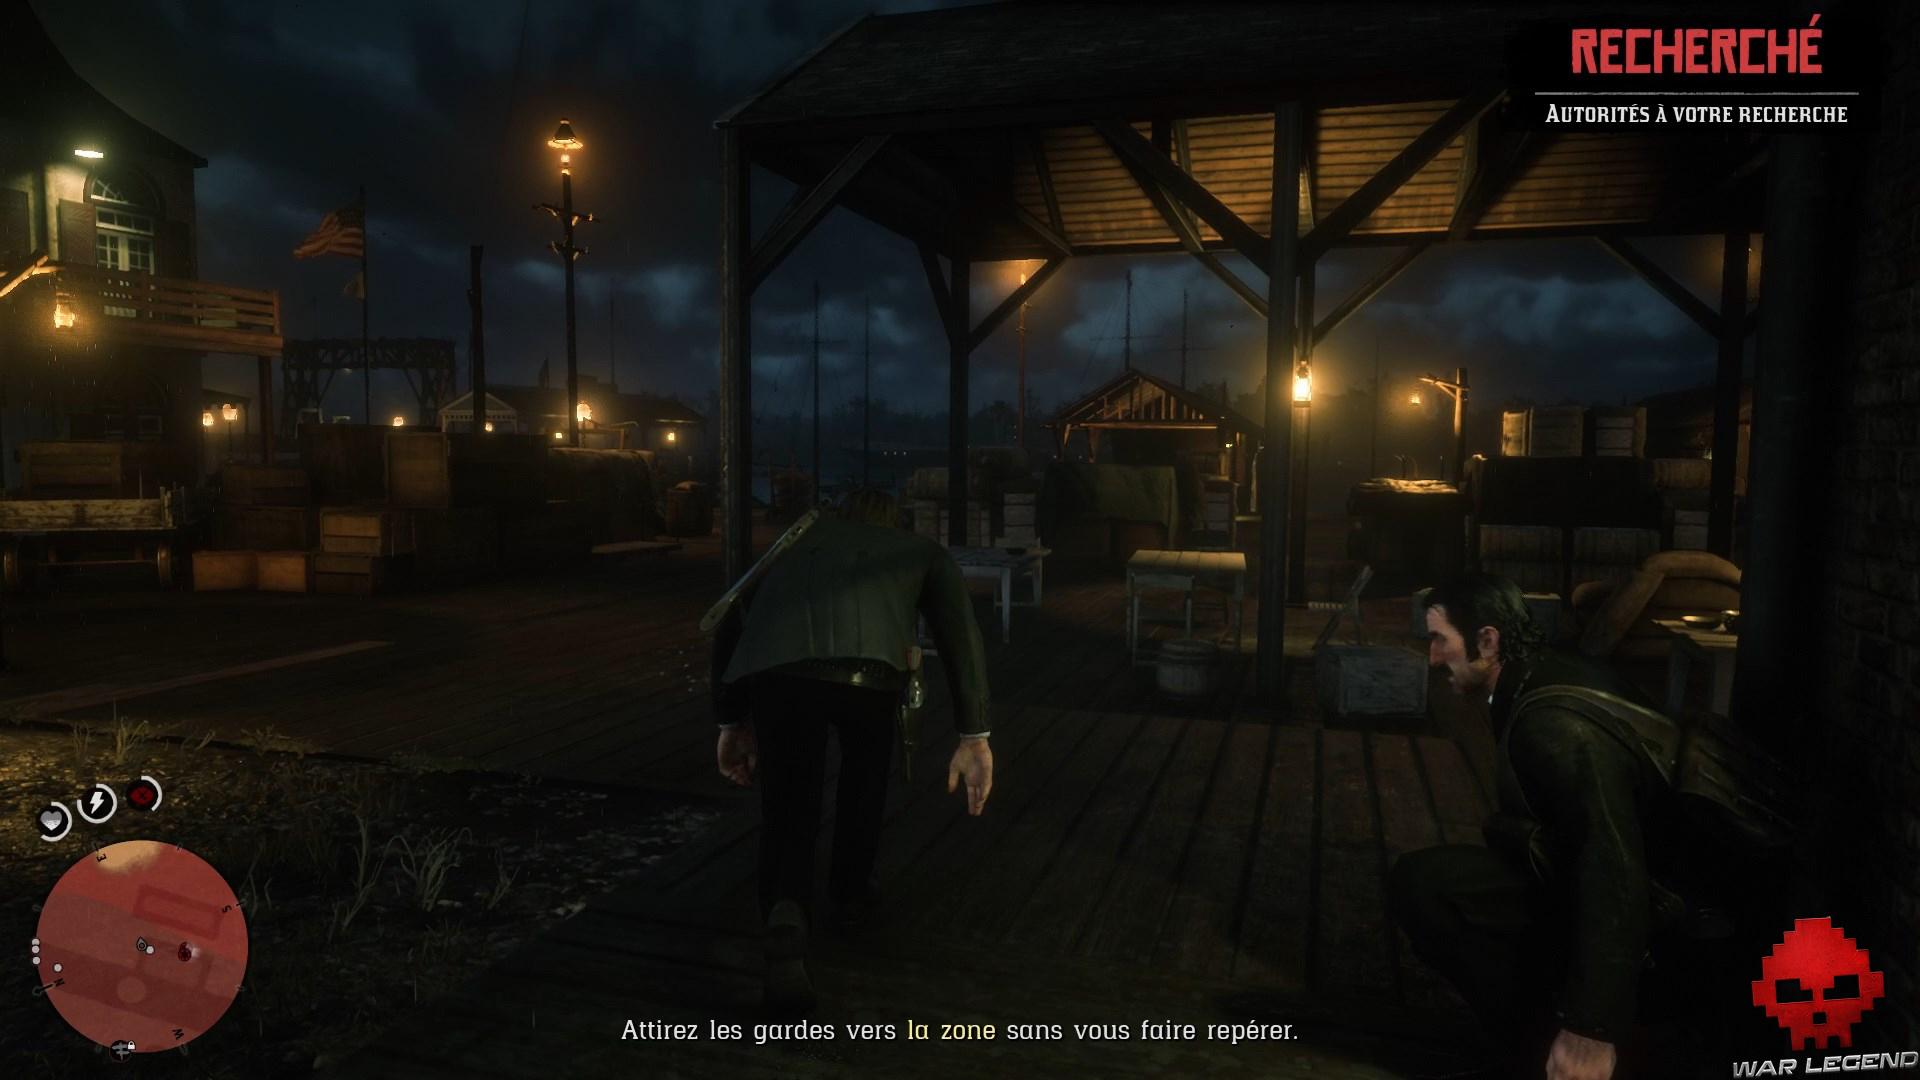 soluce red dead redemption 2 la banque cet ancien art américain arthur avance à couvert dans la nuit